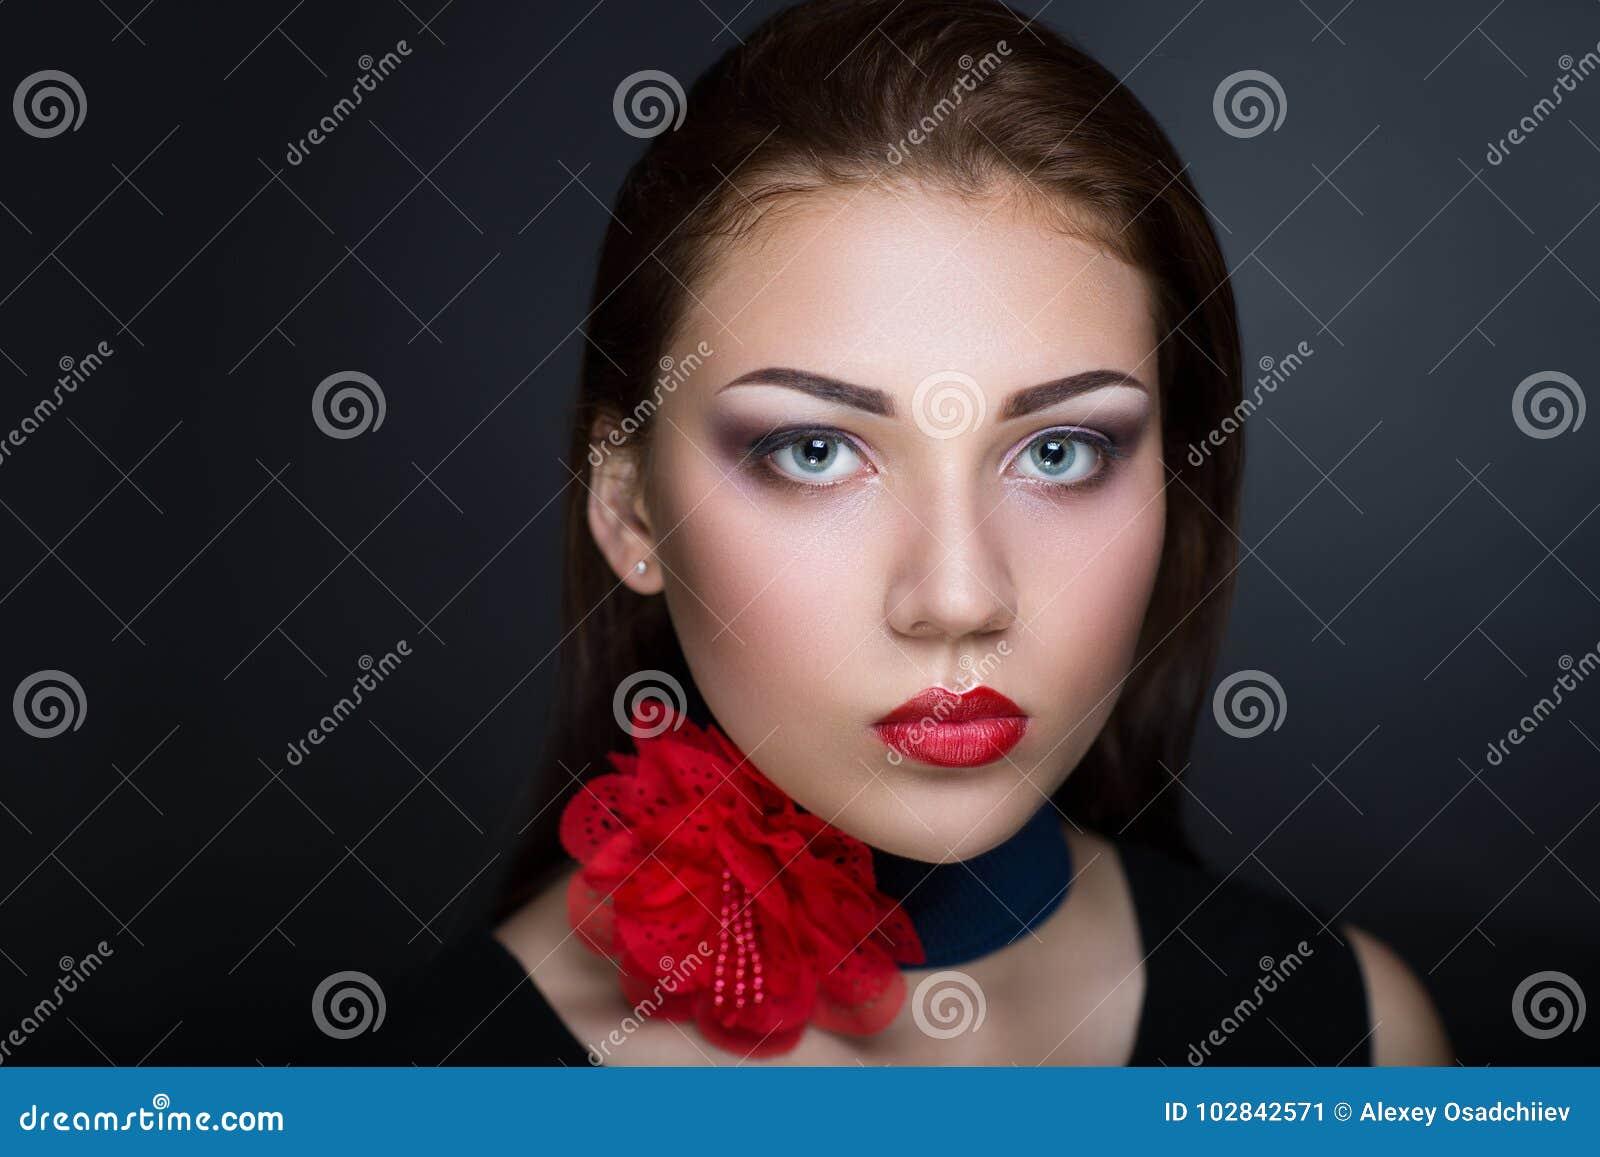 Xica bunita online dating